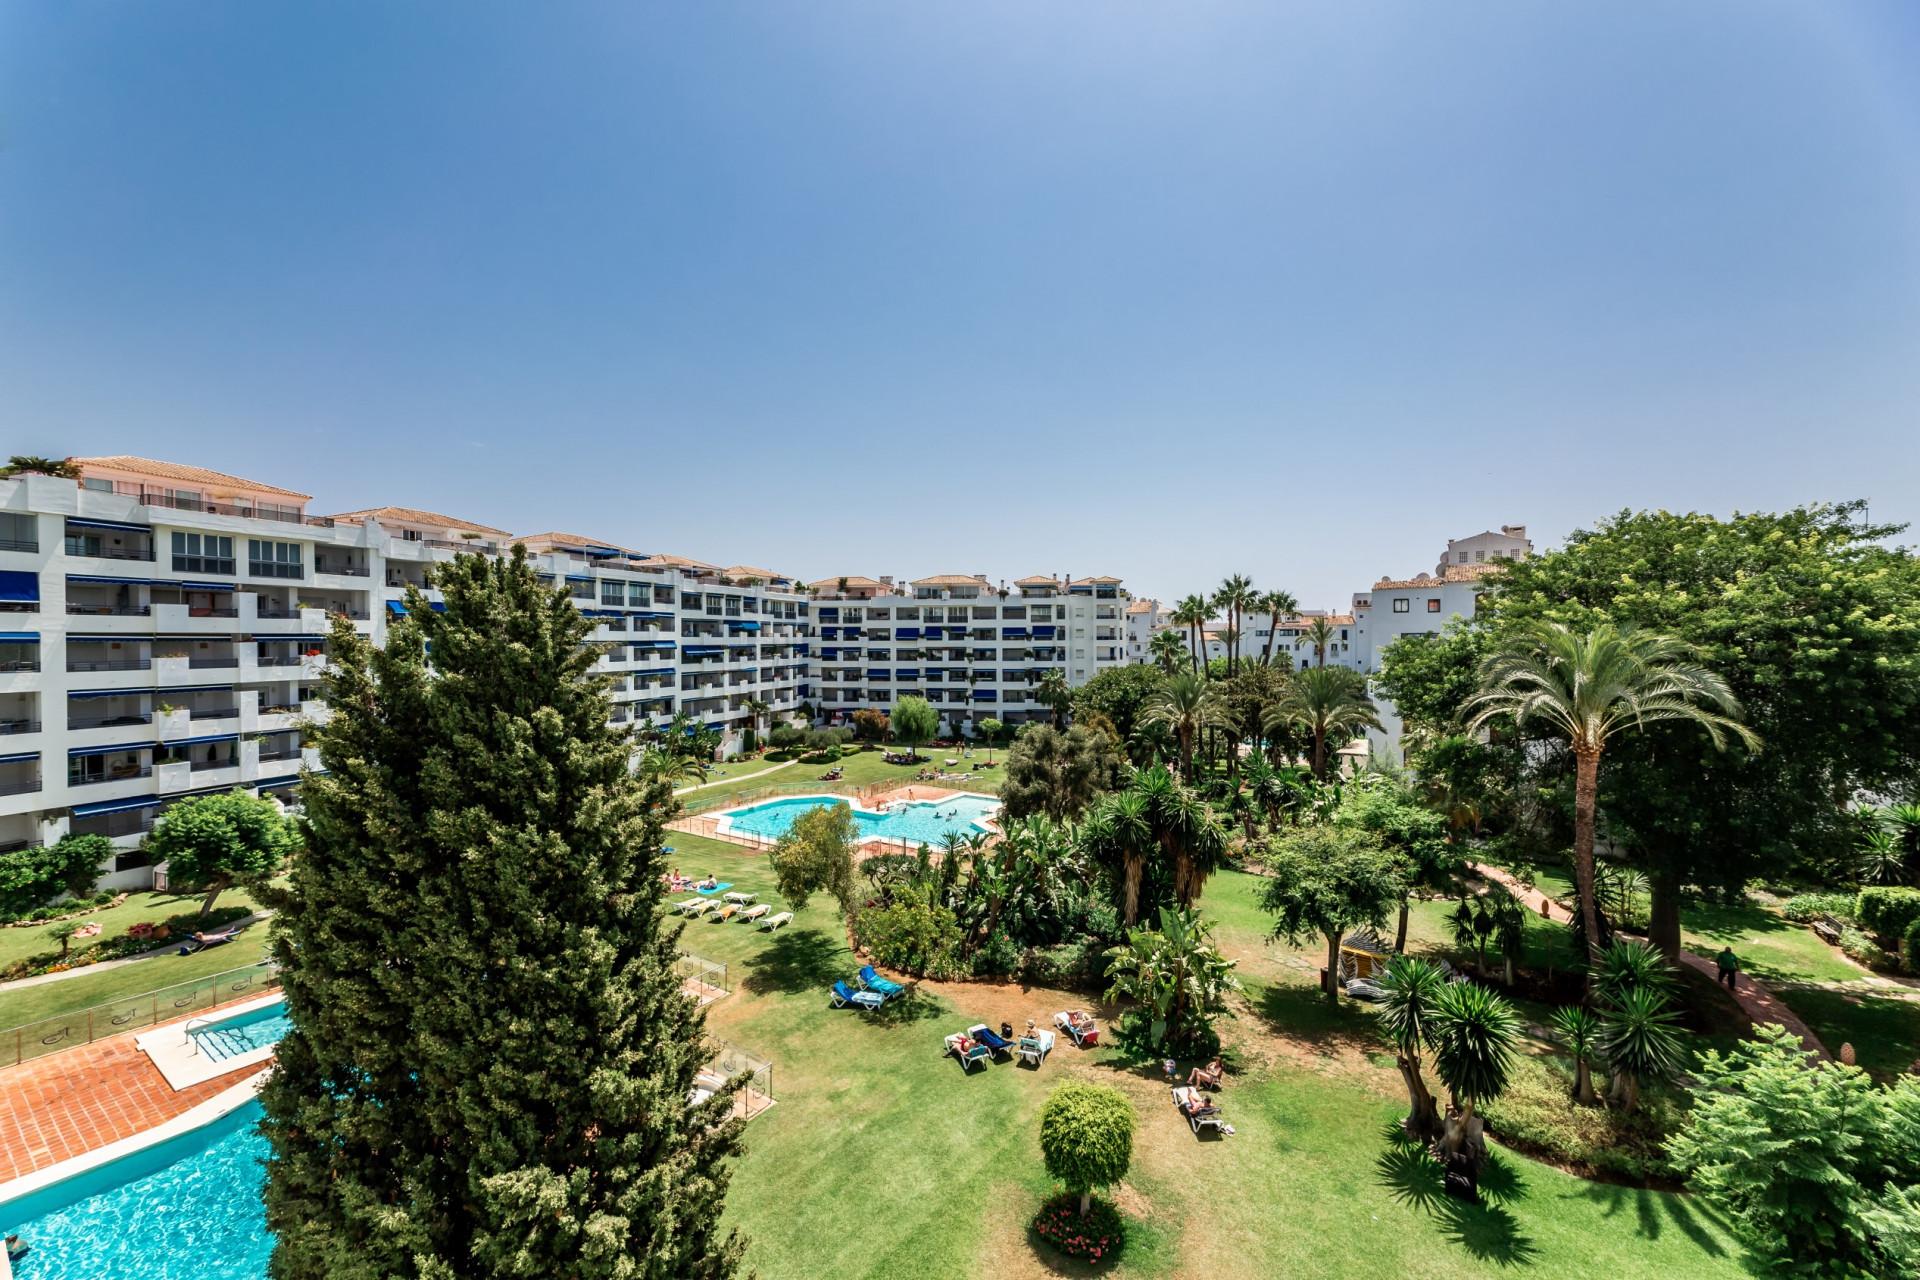 ARFA1440.5 Wunderschöne Wohnung in Jardines del Puerto, Puerto Banus - Marbella